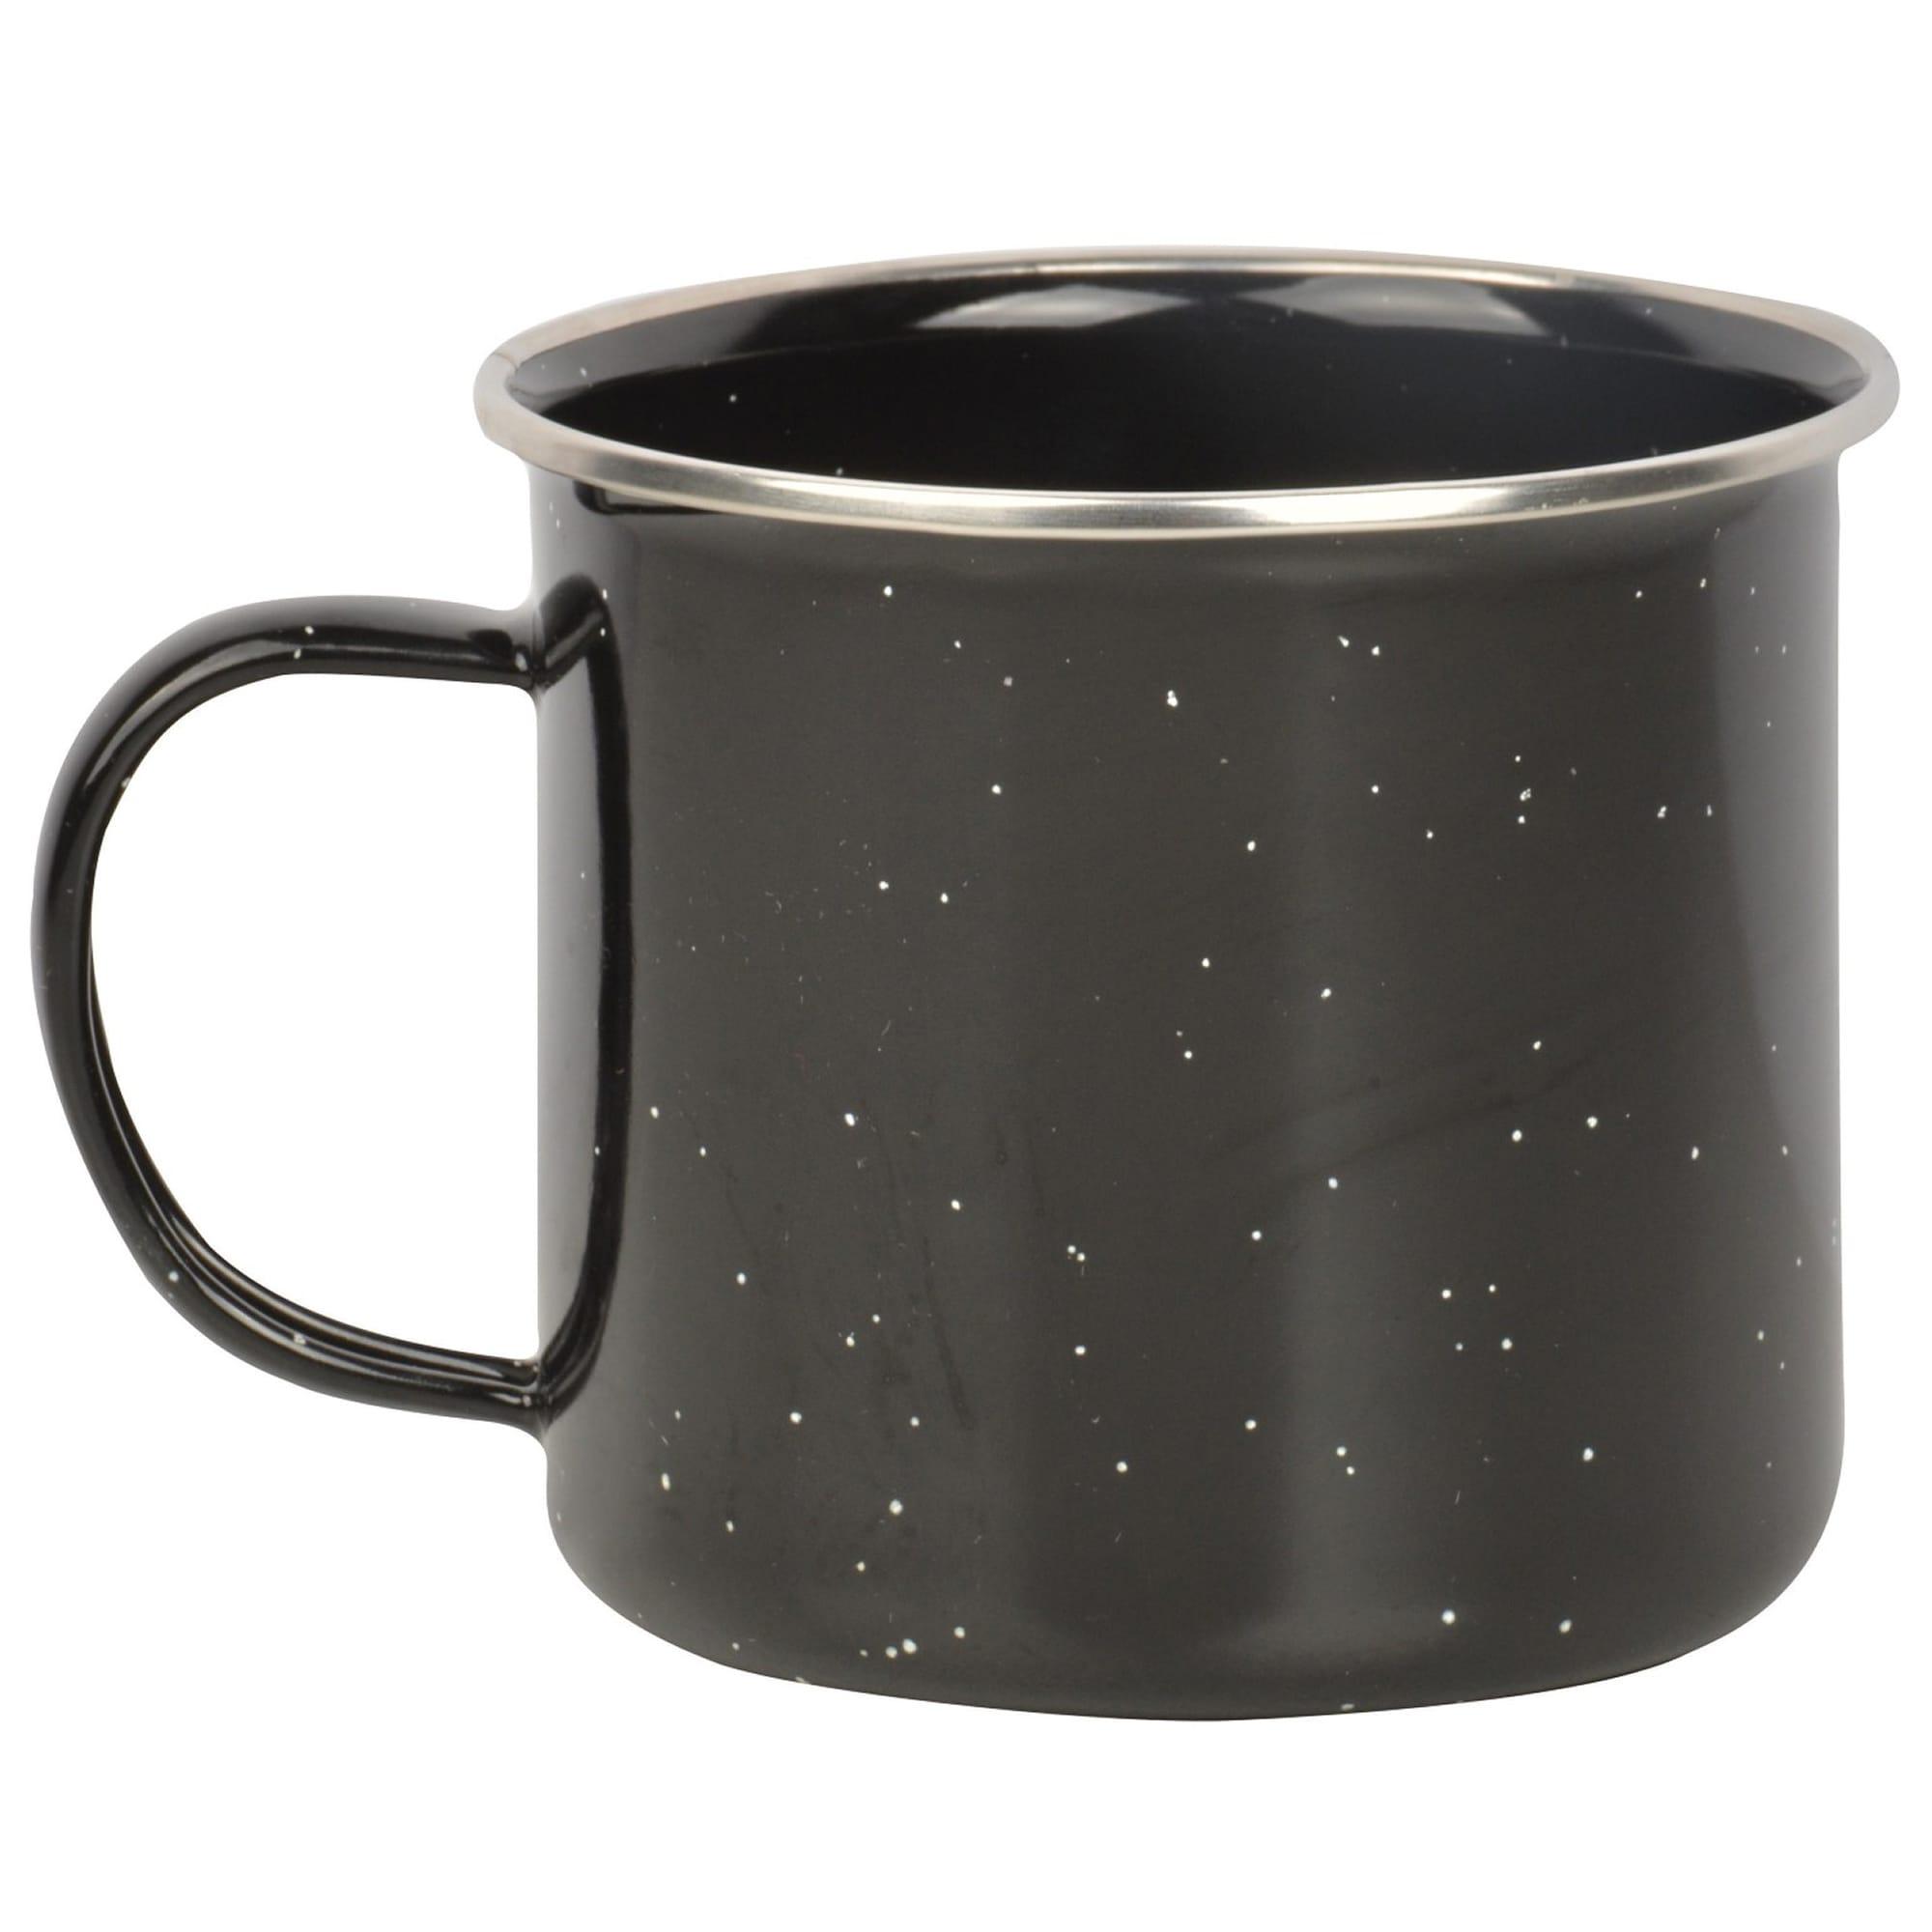 Esschert Design Enamel Mug Craftyarts Co Uk